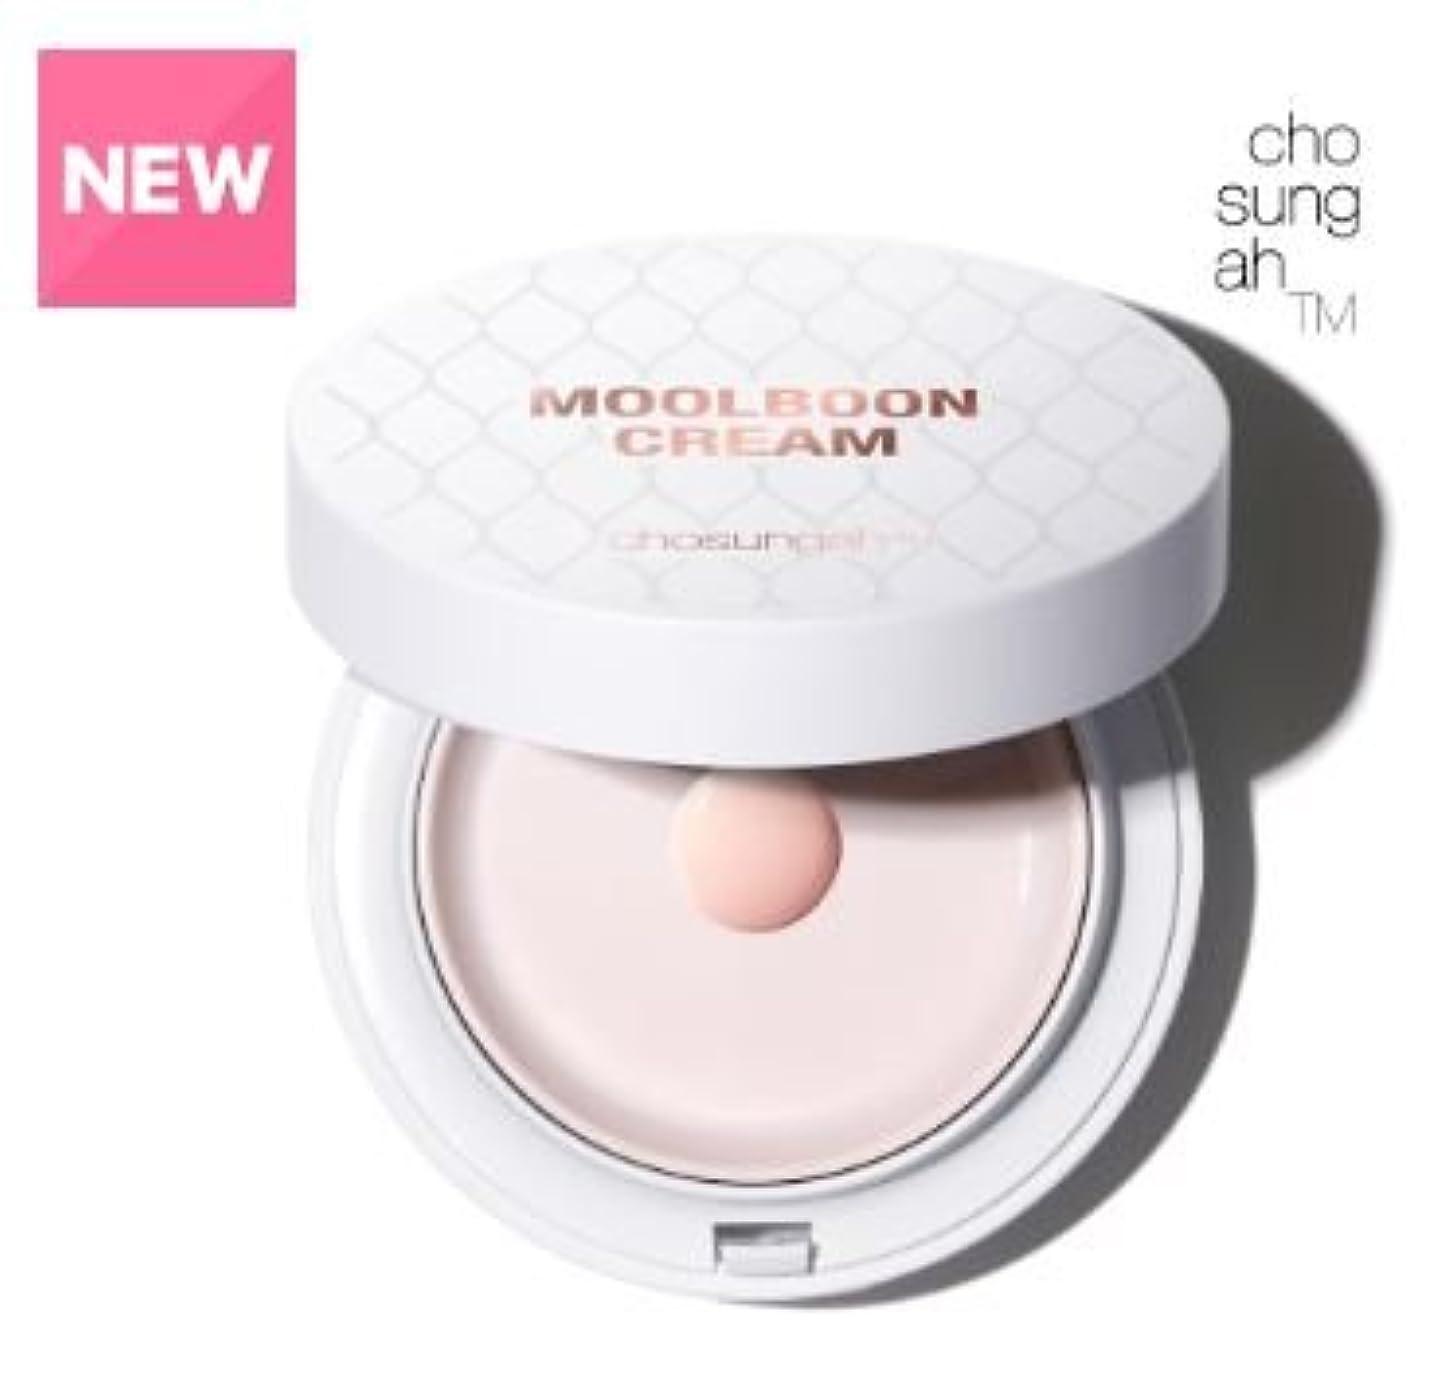 コスチュームケージ欠席[CHOSUNGAH BEAUTY] MoolBoon Cream 14g SPF50+PA+++ [並行輸入品]